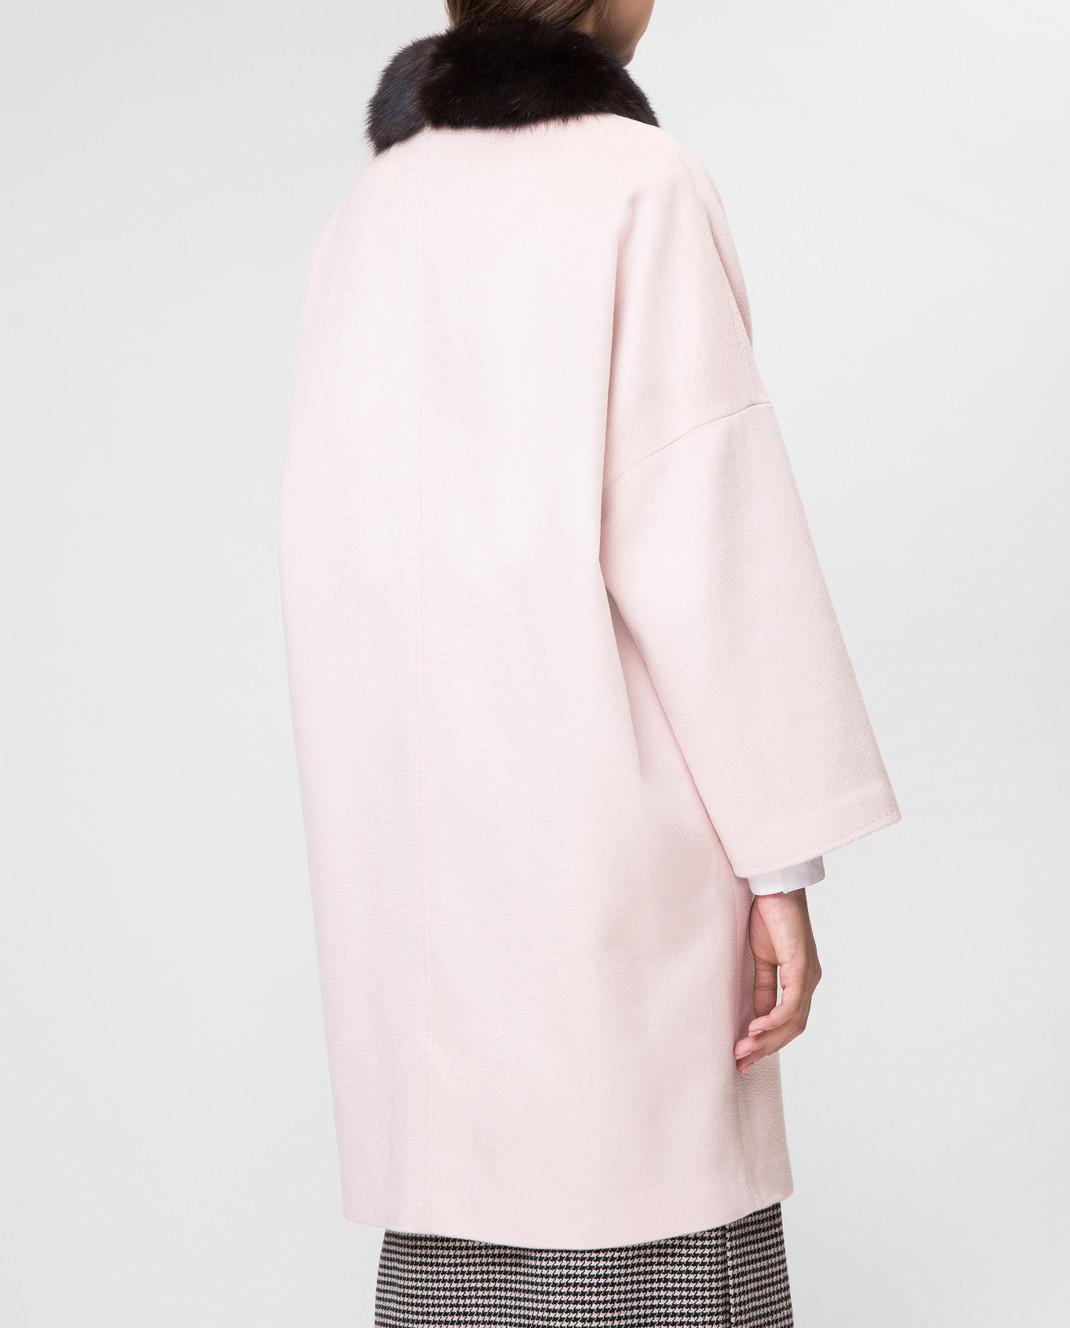 Real Furs House Пудровое пальто CSR7177 изображение 4